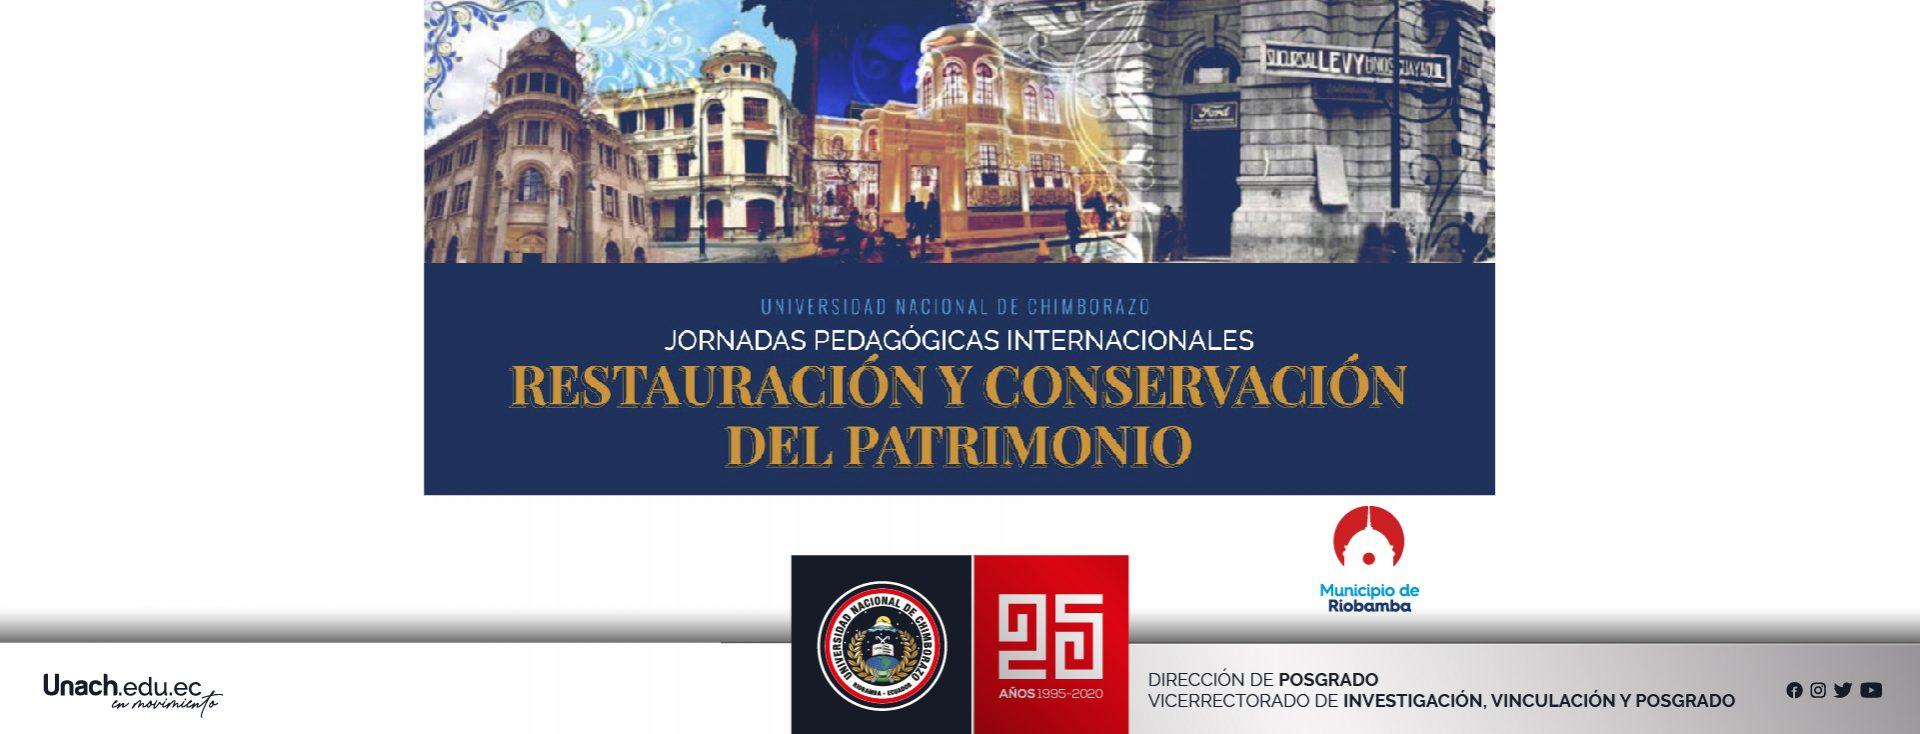 JORNADAS PEDAGÓGICAS INTERNACIONALES SOBRE RESTAURACIÓN Y CONSERVACIÓN DEL PATRIMONIO